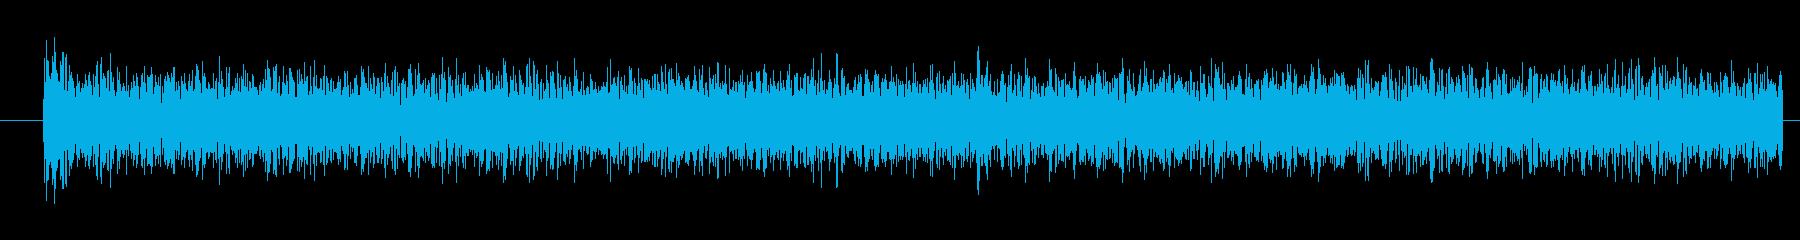 タンク ミディアムエンジンミディア...の再生済みの波形